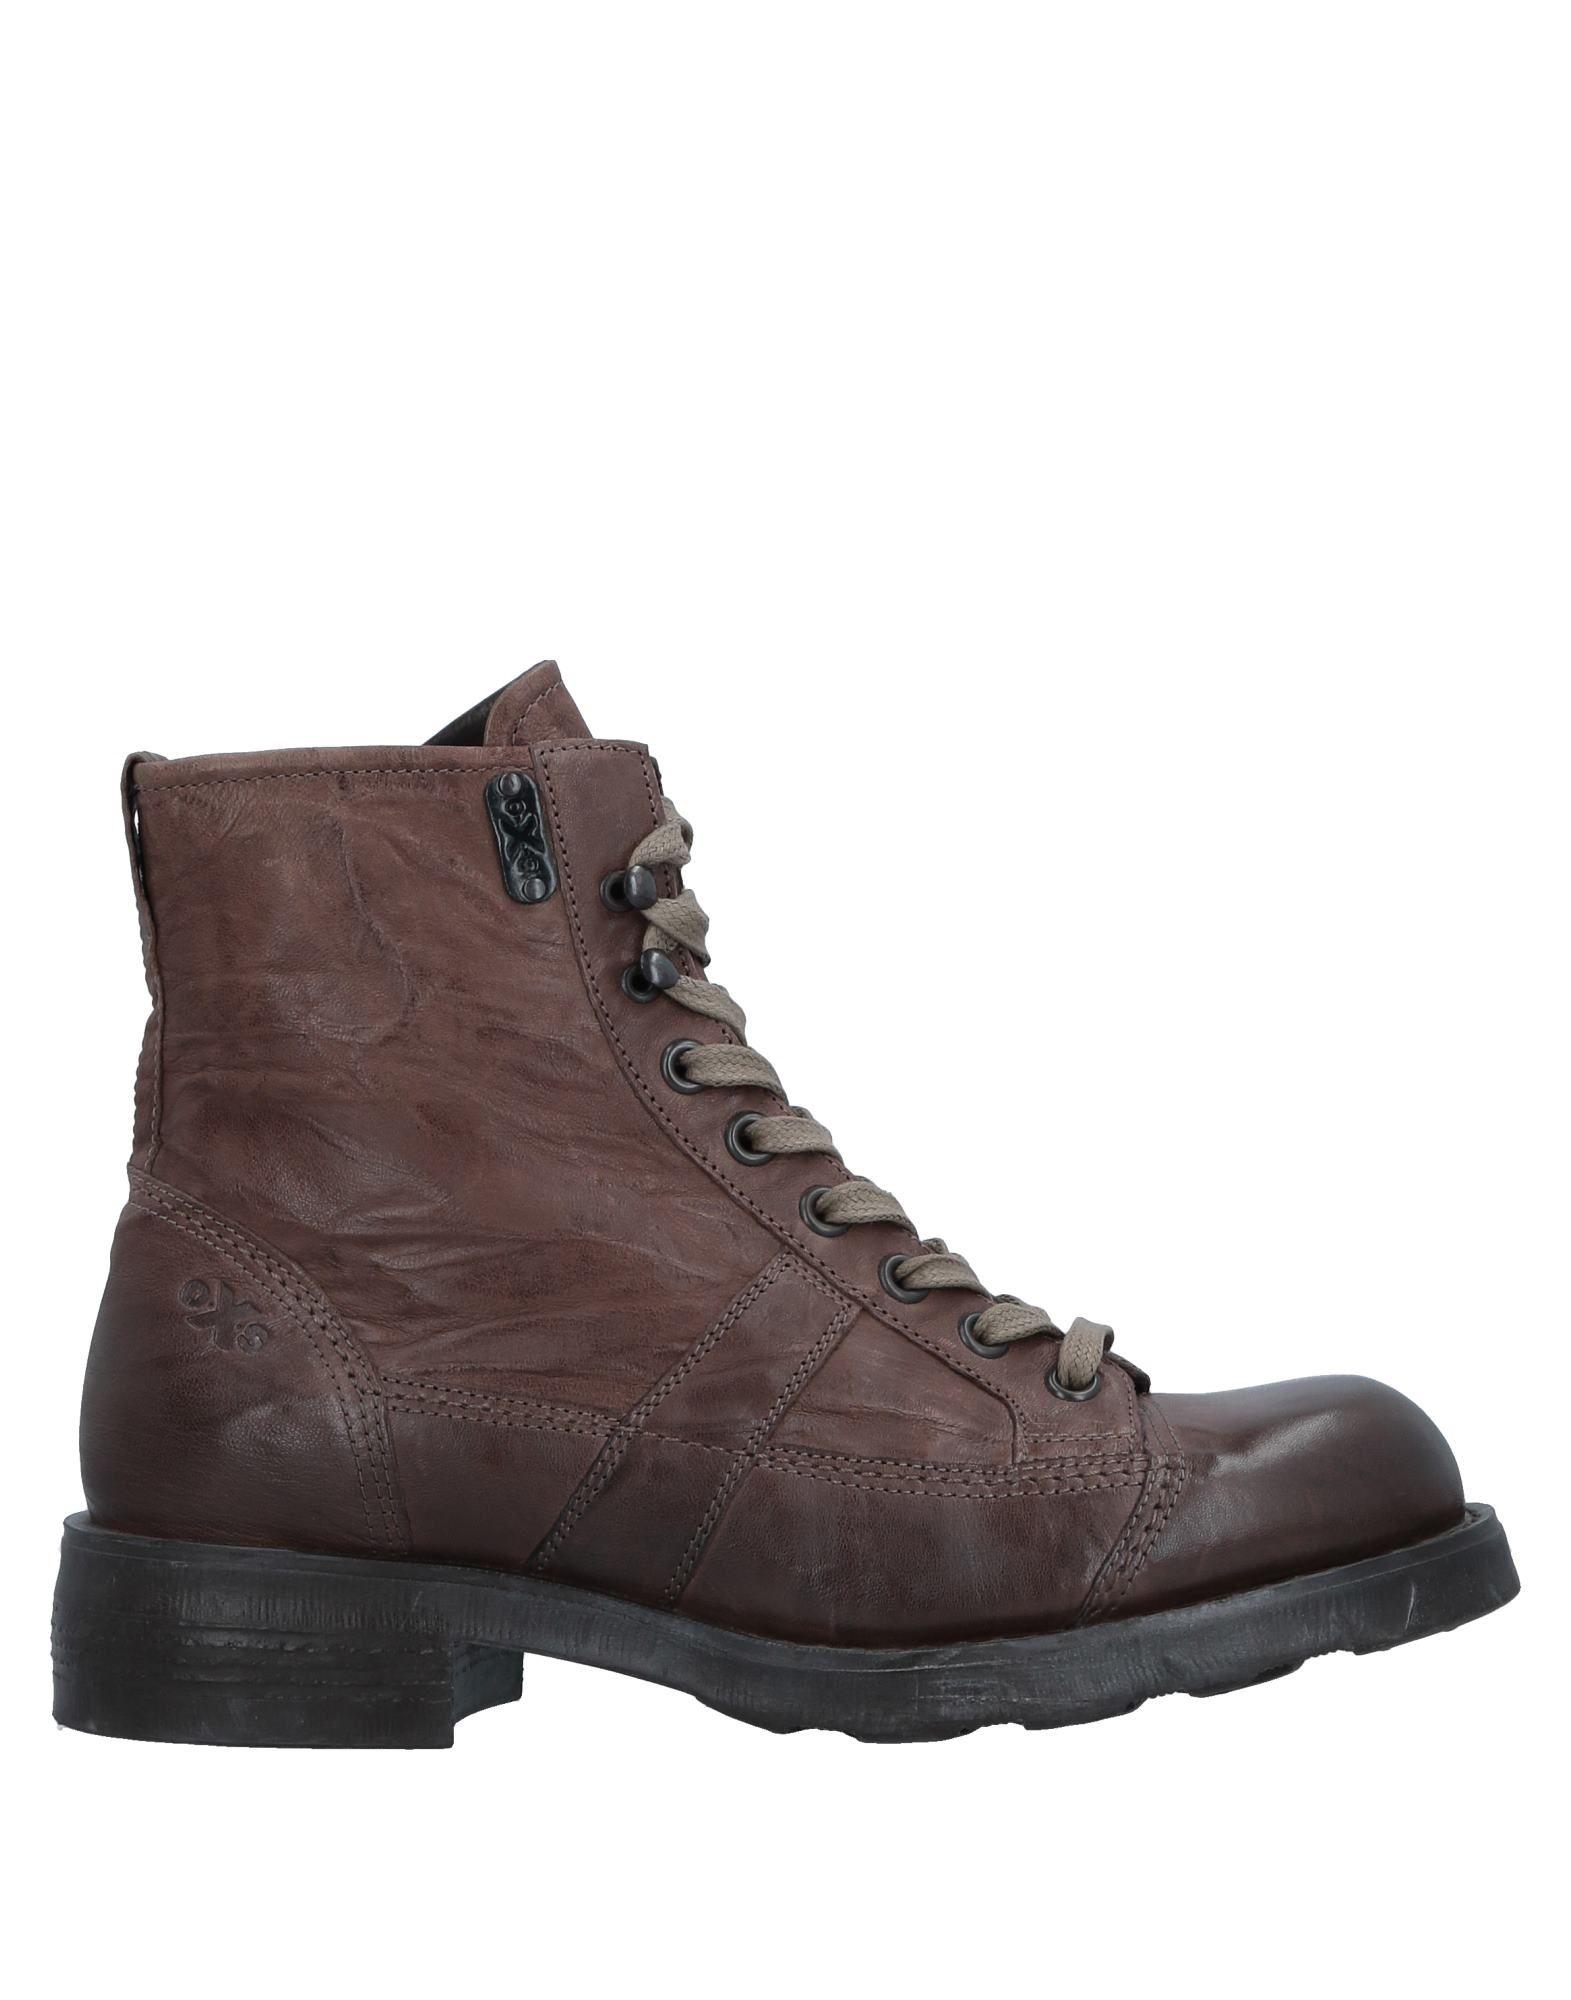 O.X.S. Stiefelette Herren  11516094BC Gute Qualität beliebte Schuhe